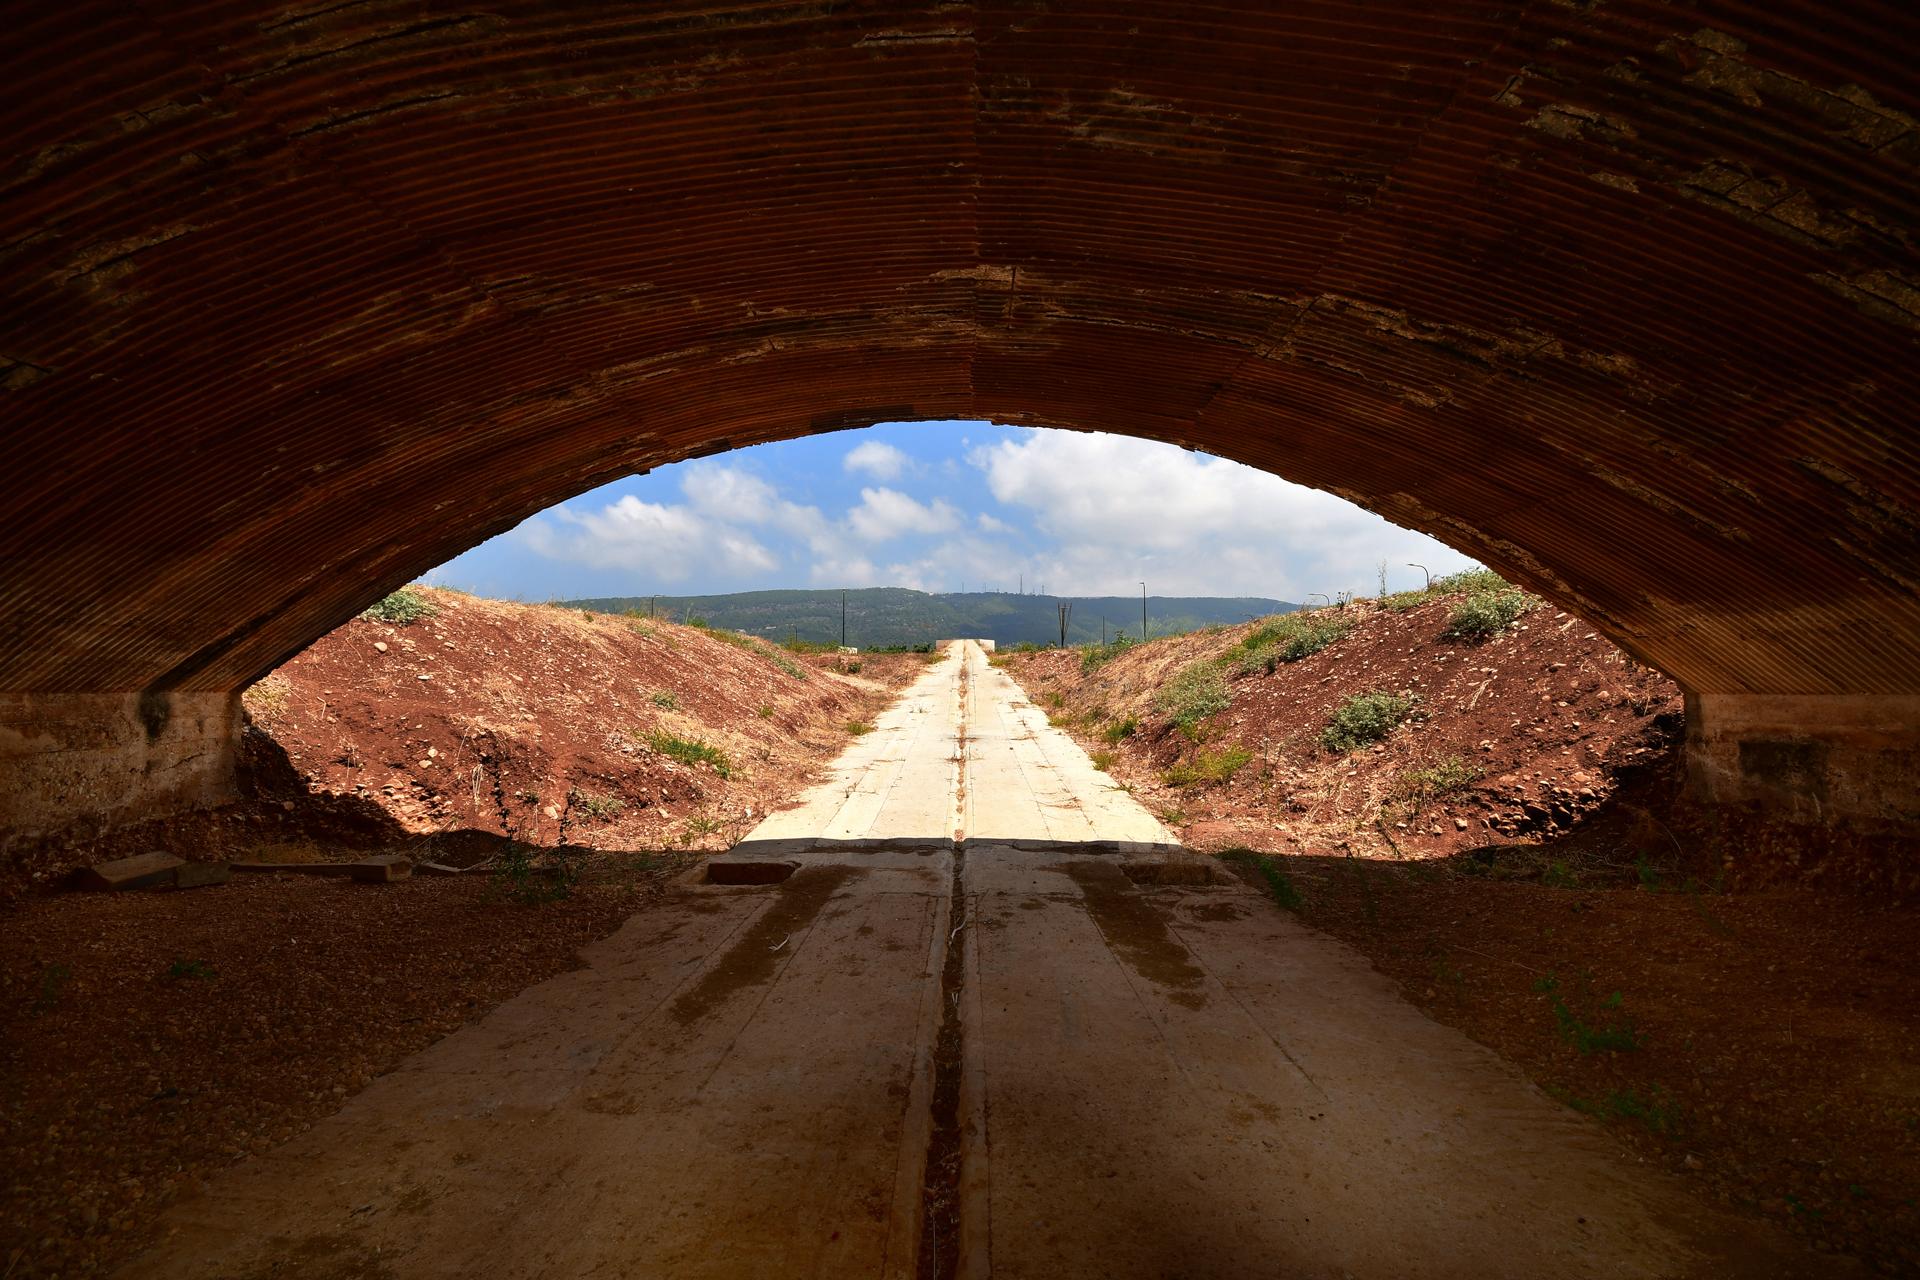 טרמינל 1 - מנחת בצת - יואל שתרוג - אדמה יוצרת - yoel sitruk